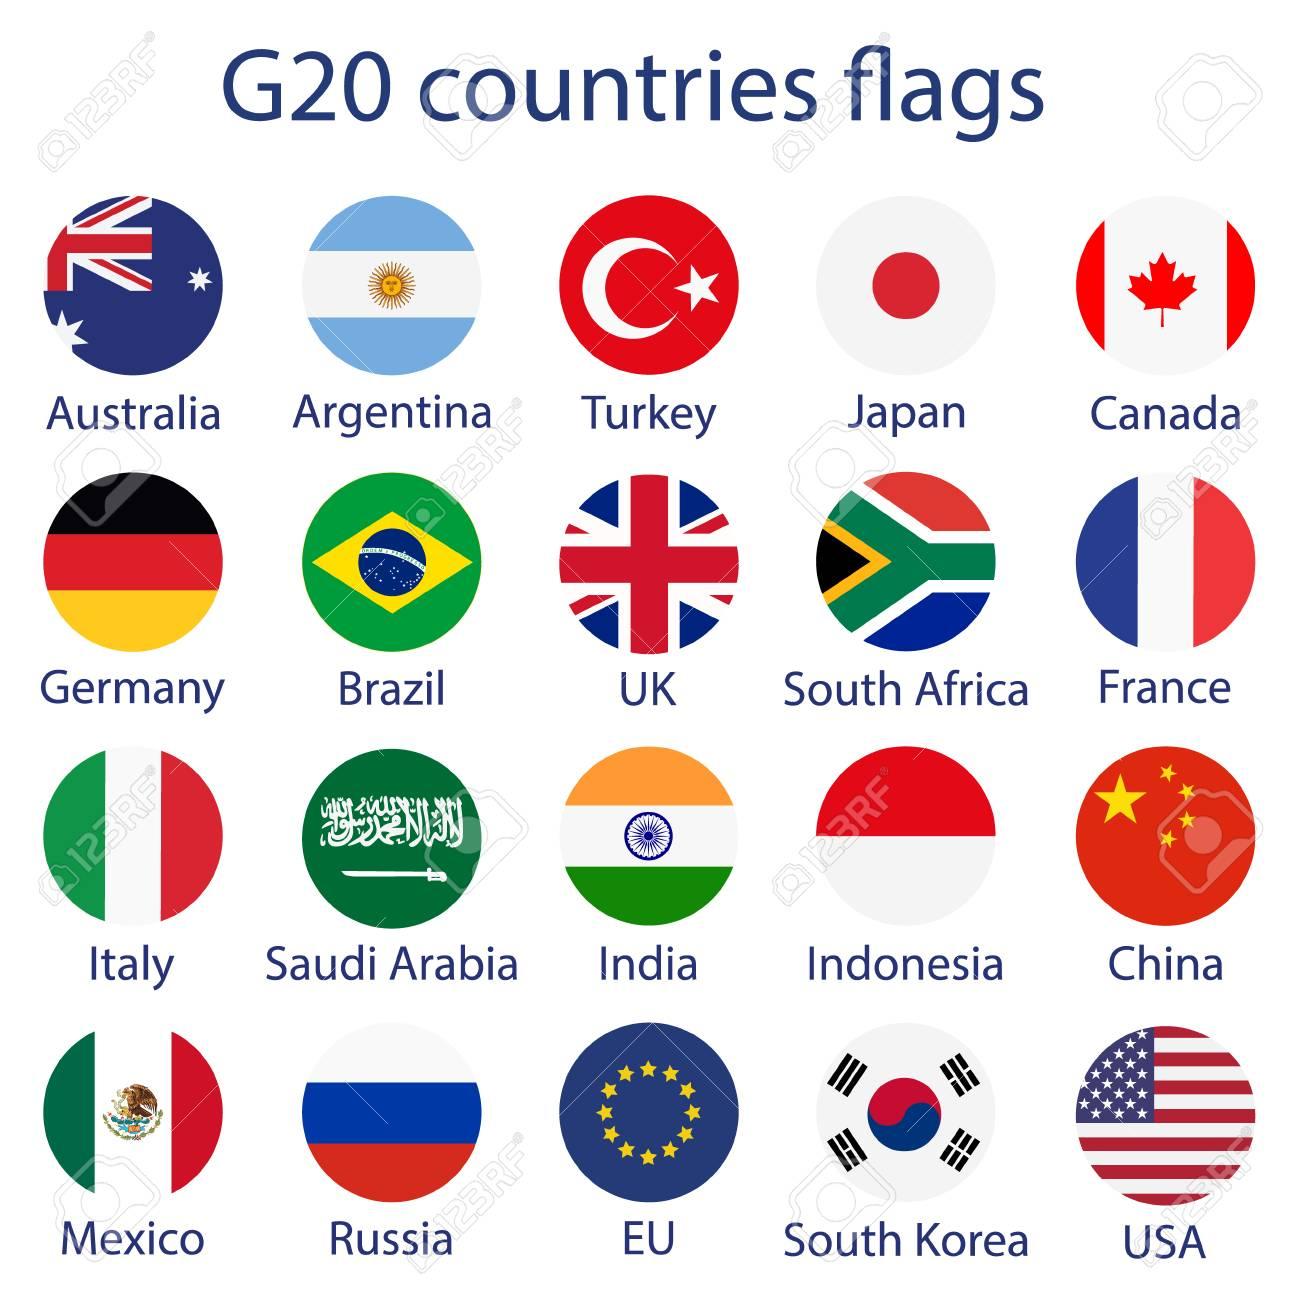 Ilustración De Vector De Banderas De Países G 20 Ilustraciones Vectoriales Clip Art Vectorizado Libre De Derechos Image 86489422